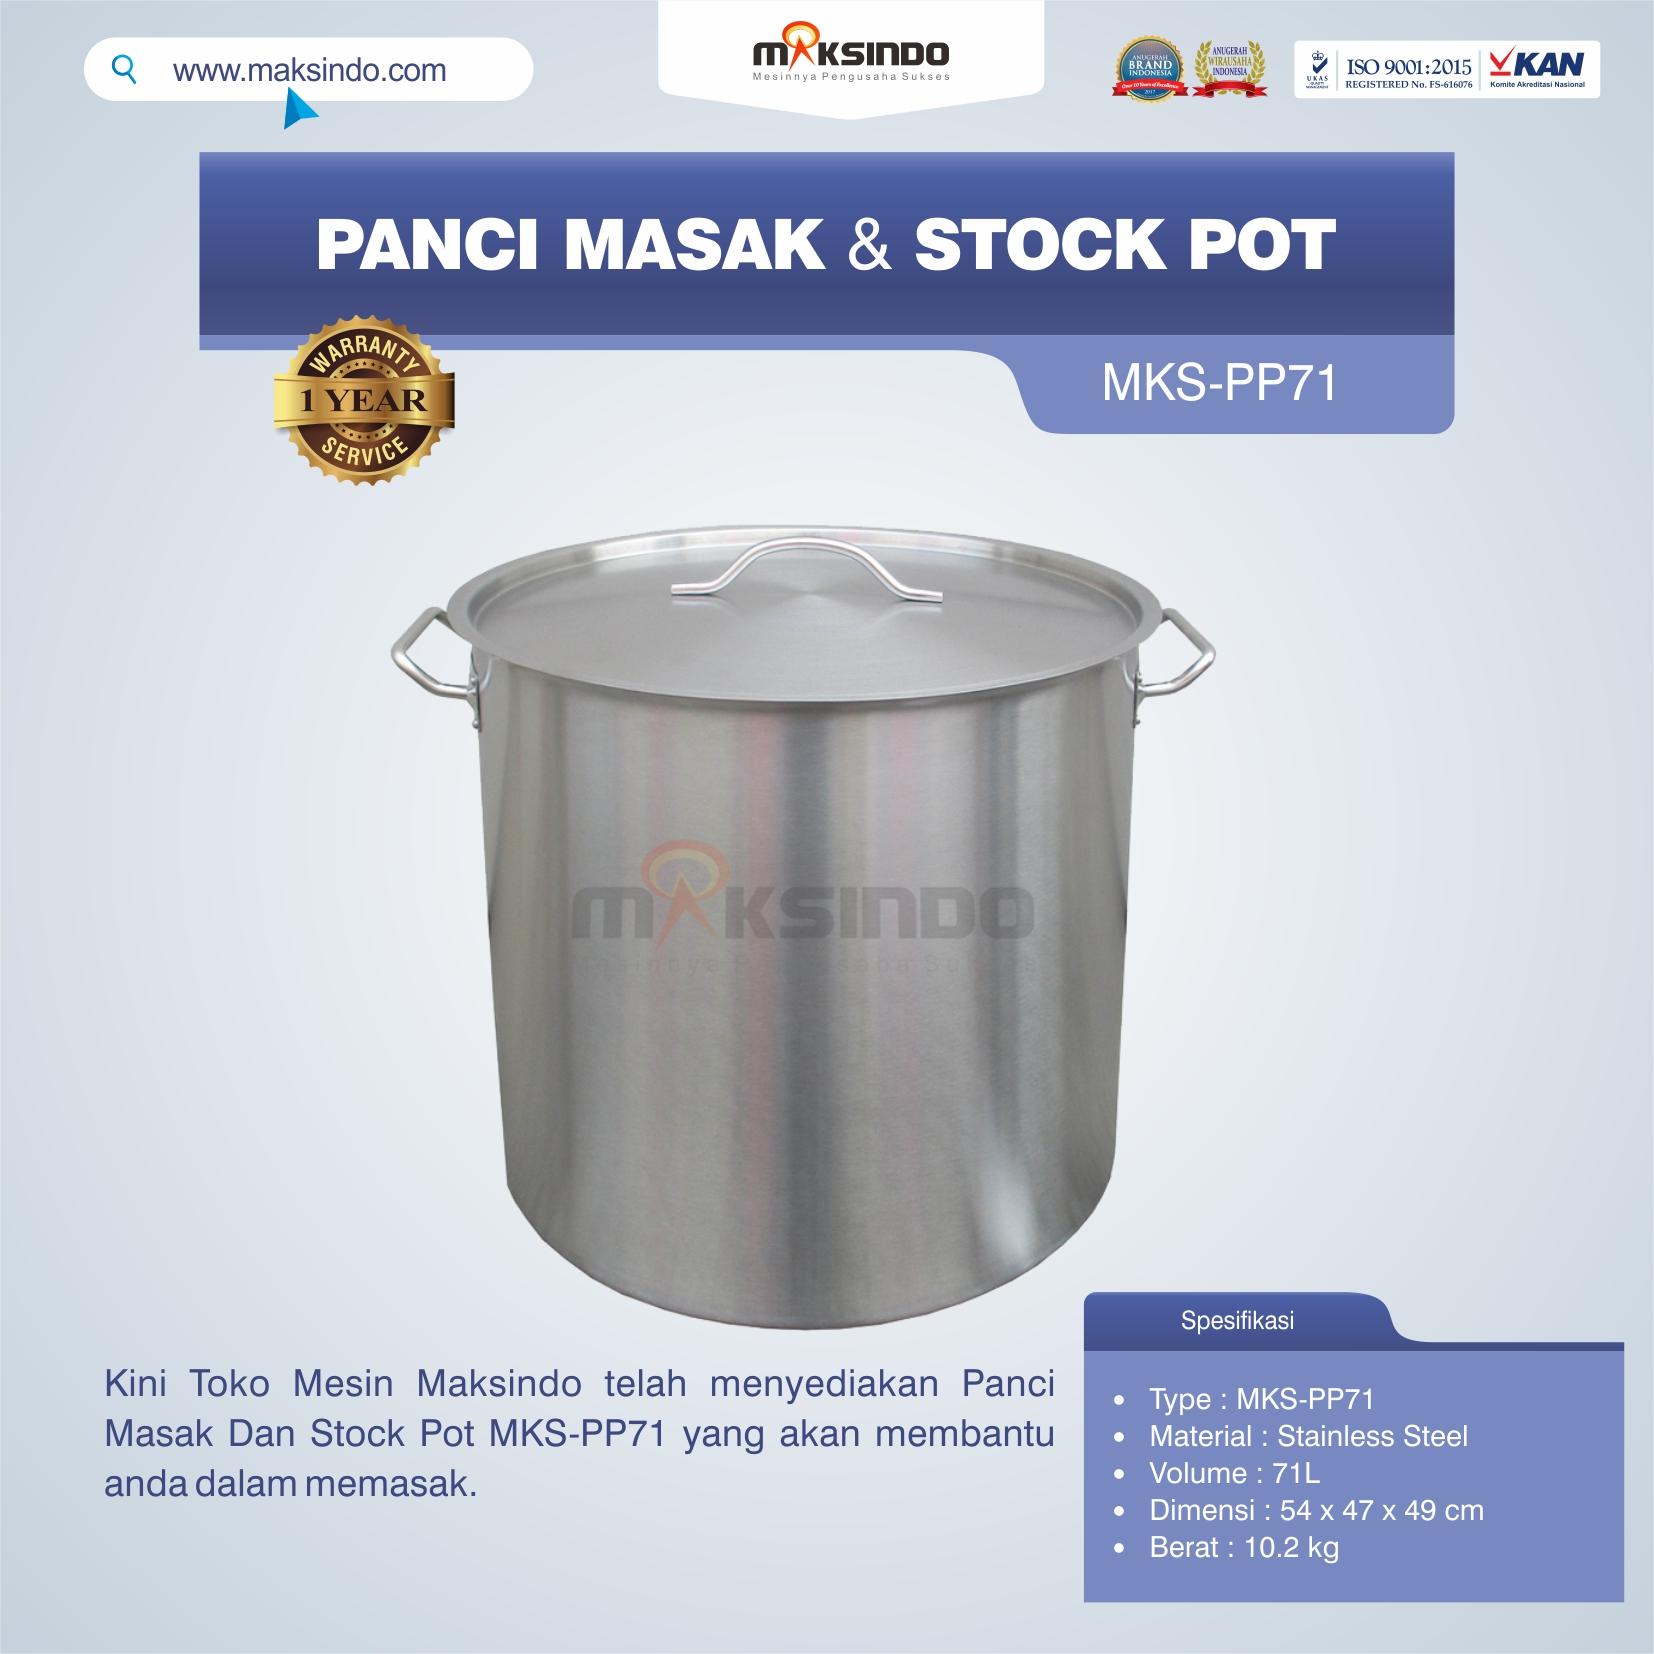 Jual Panci Masak Dan Stock Pot MKS-PP71 di Tangerang